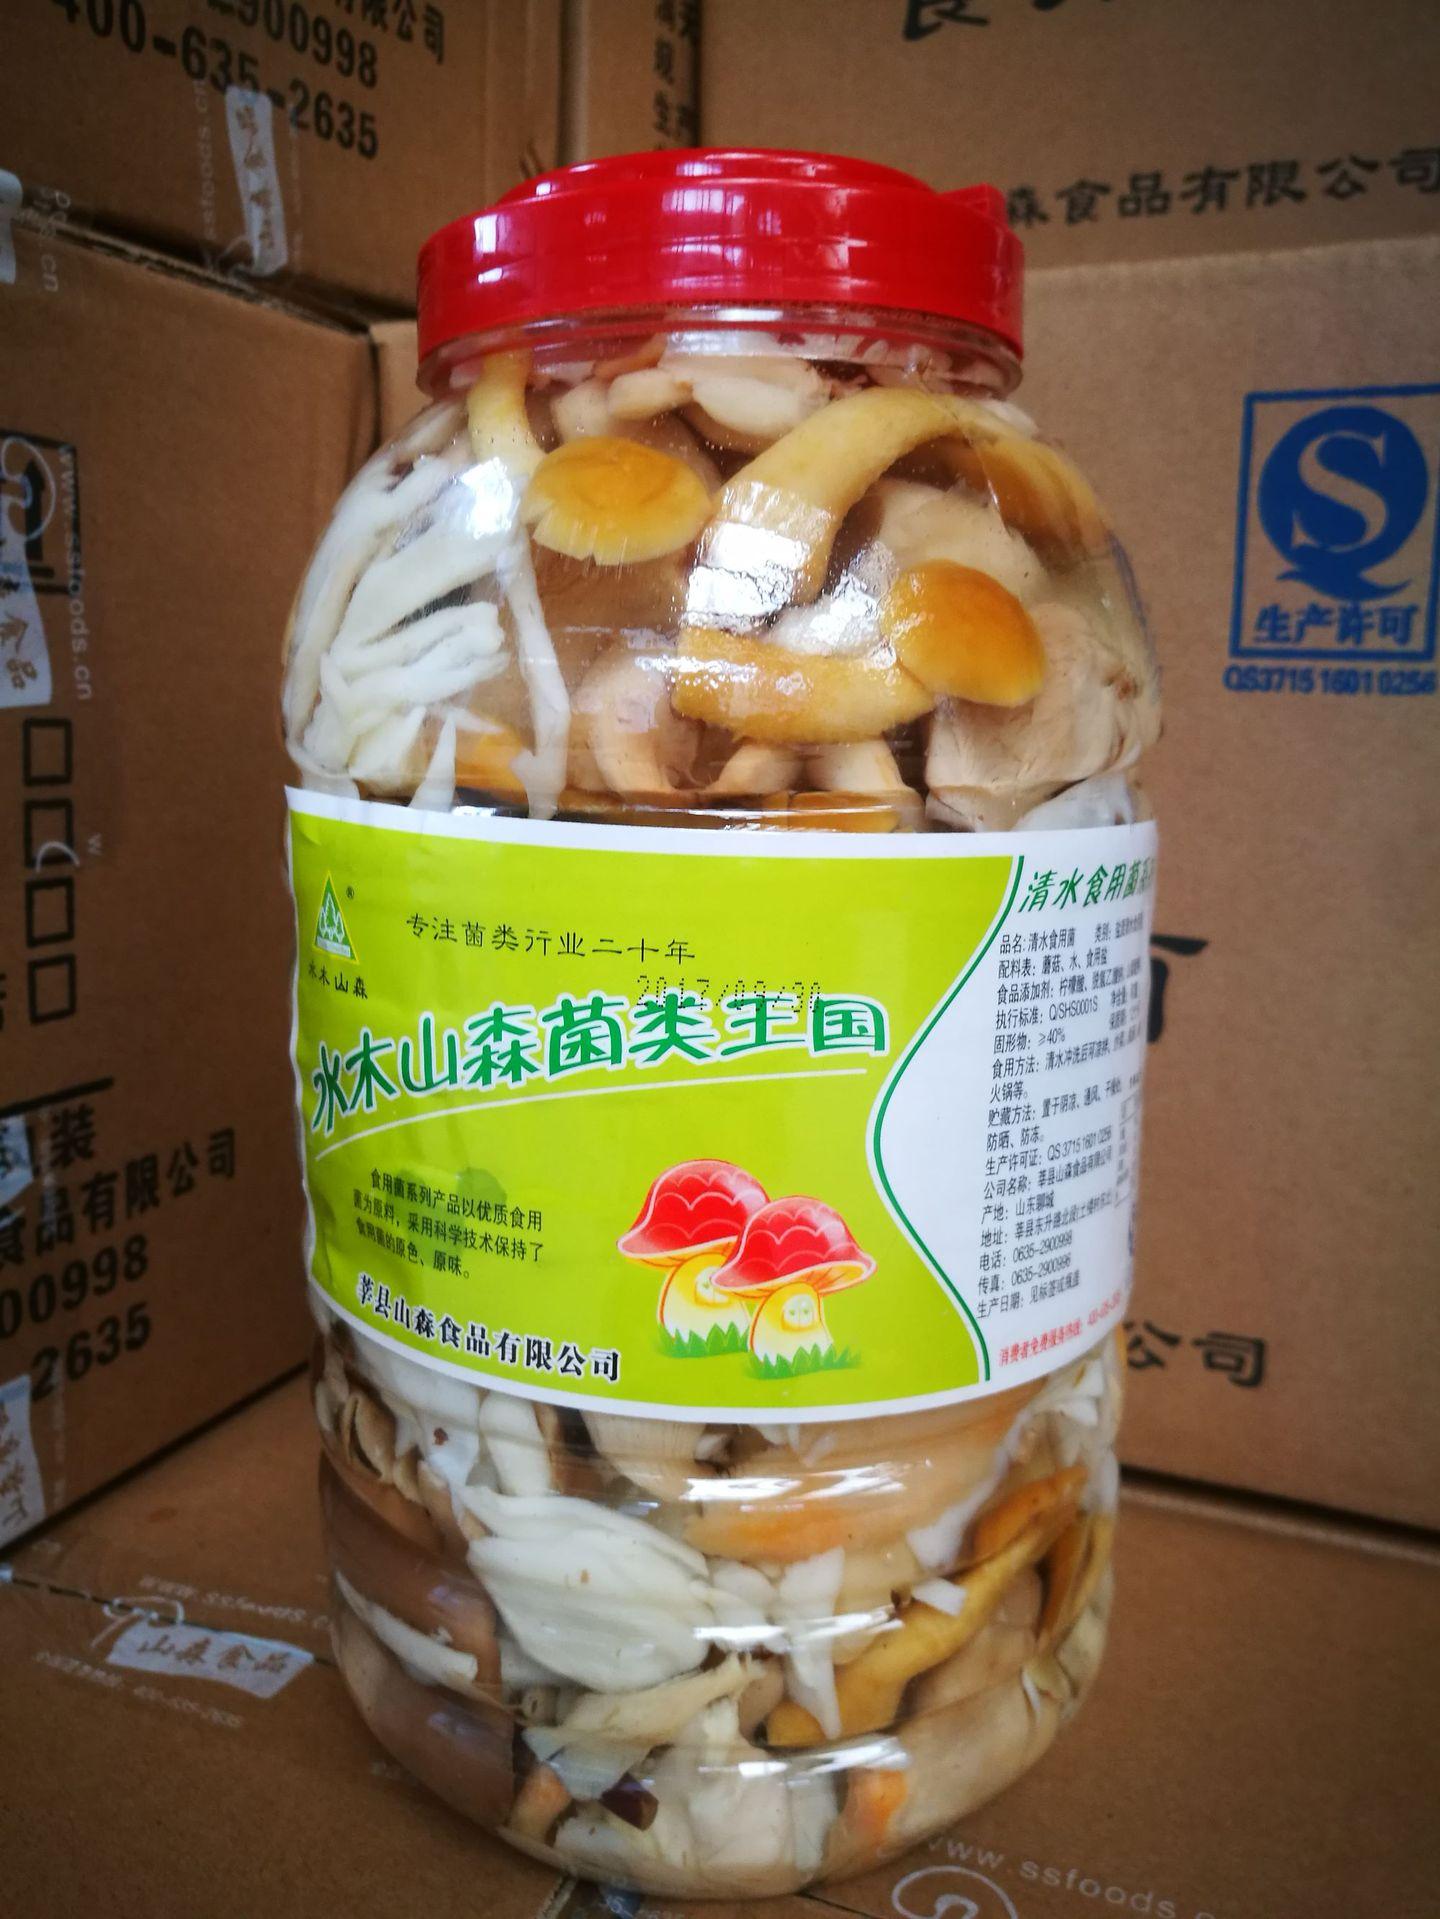 清水什锦菇八珍菇杂菇饭店食堂餐饮原料食材